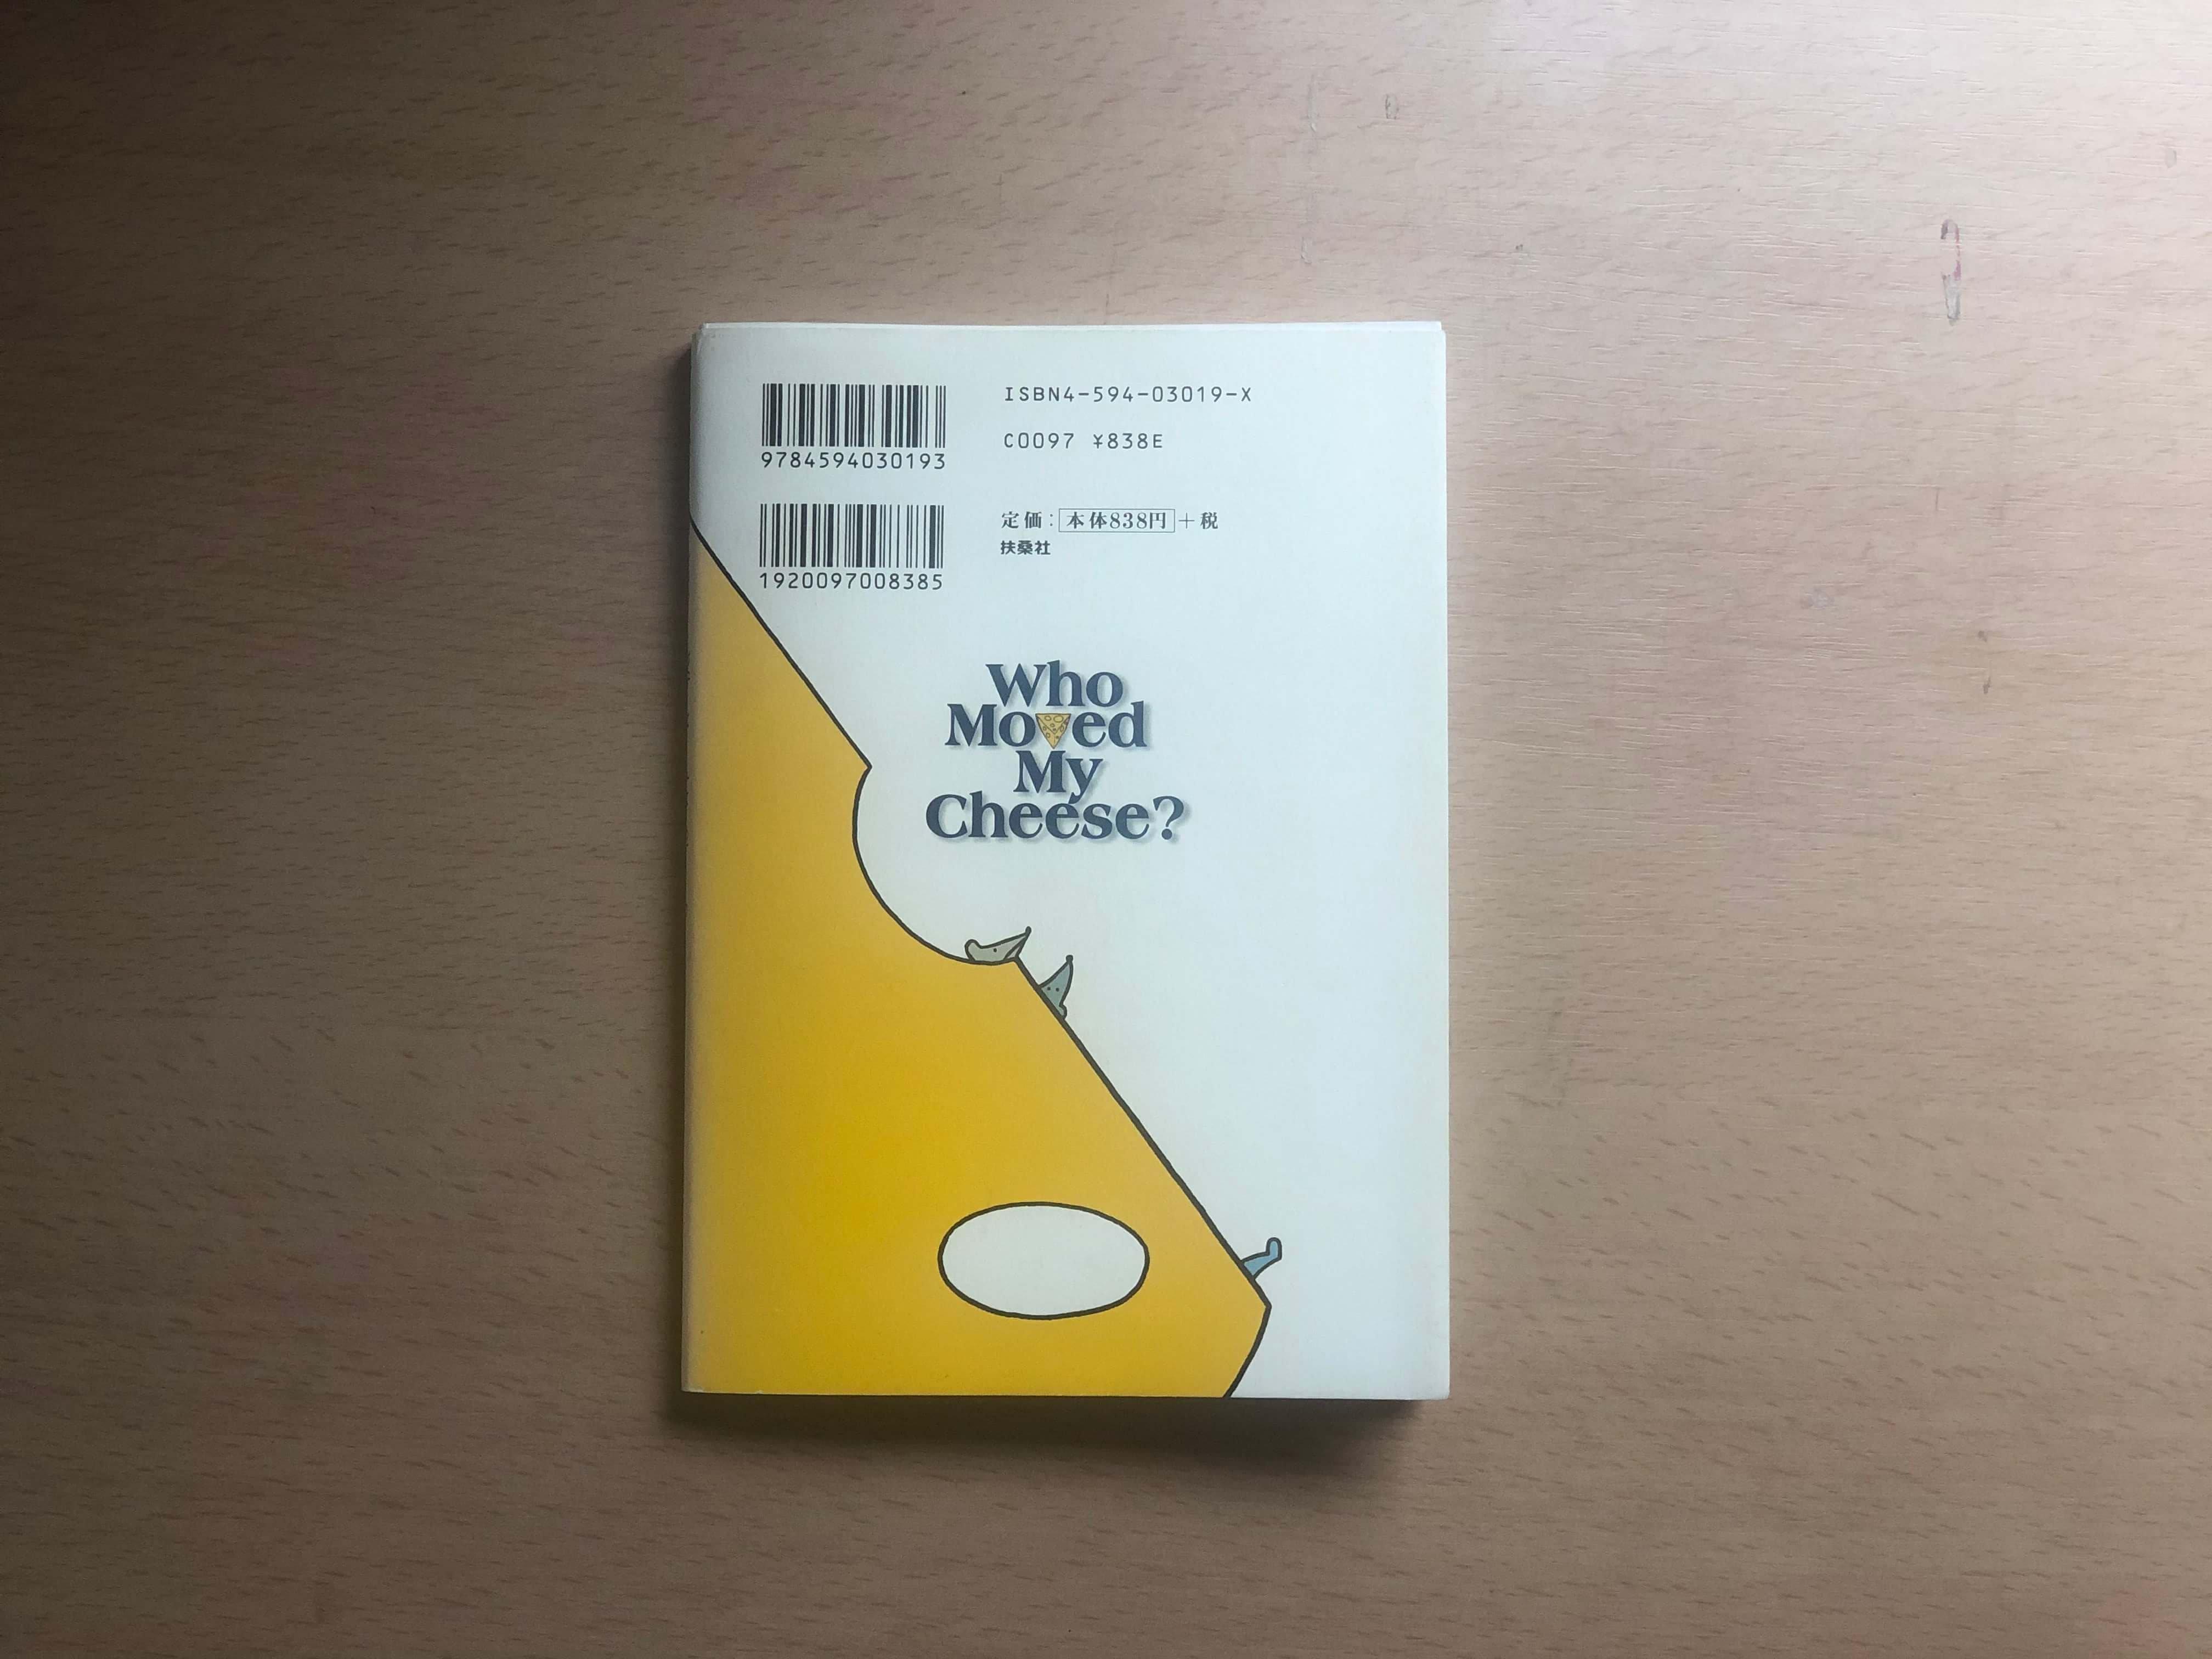 チーズはどこへ消えた?の裏表紙